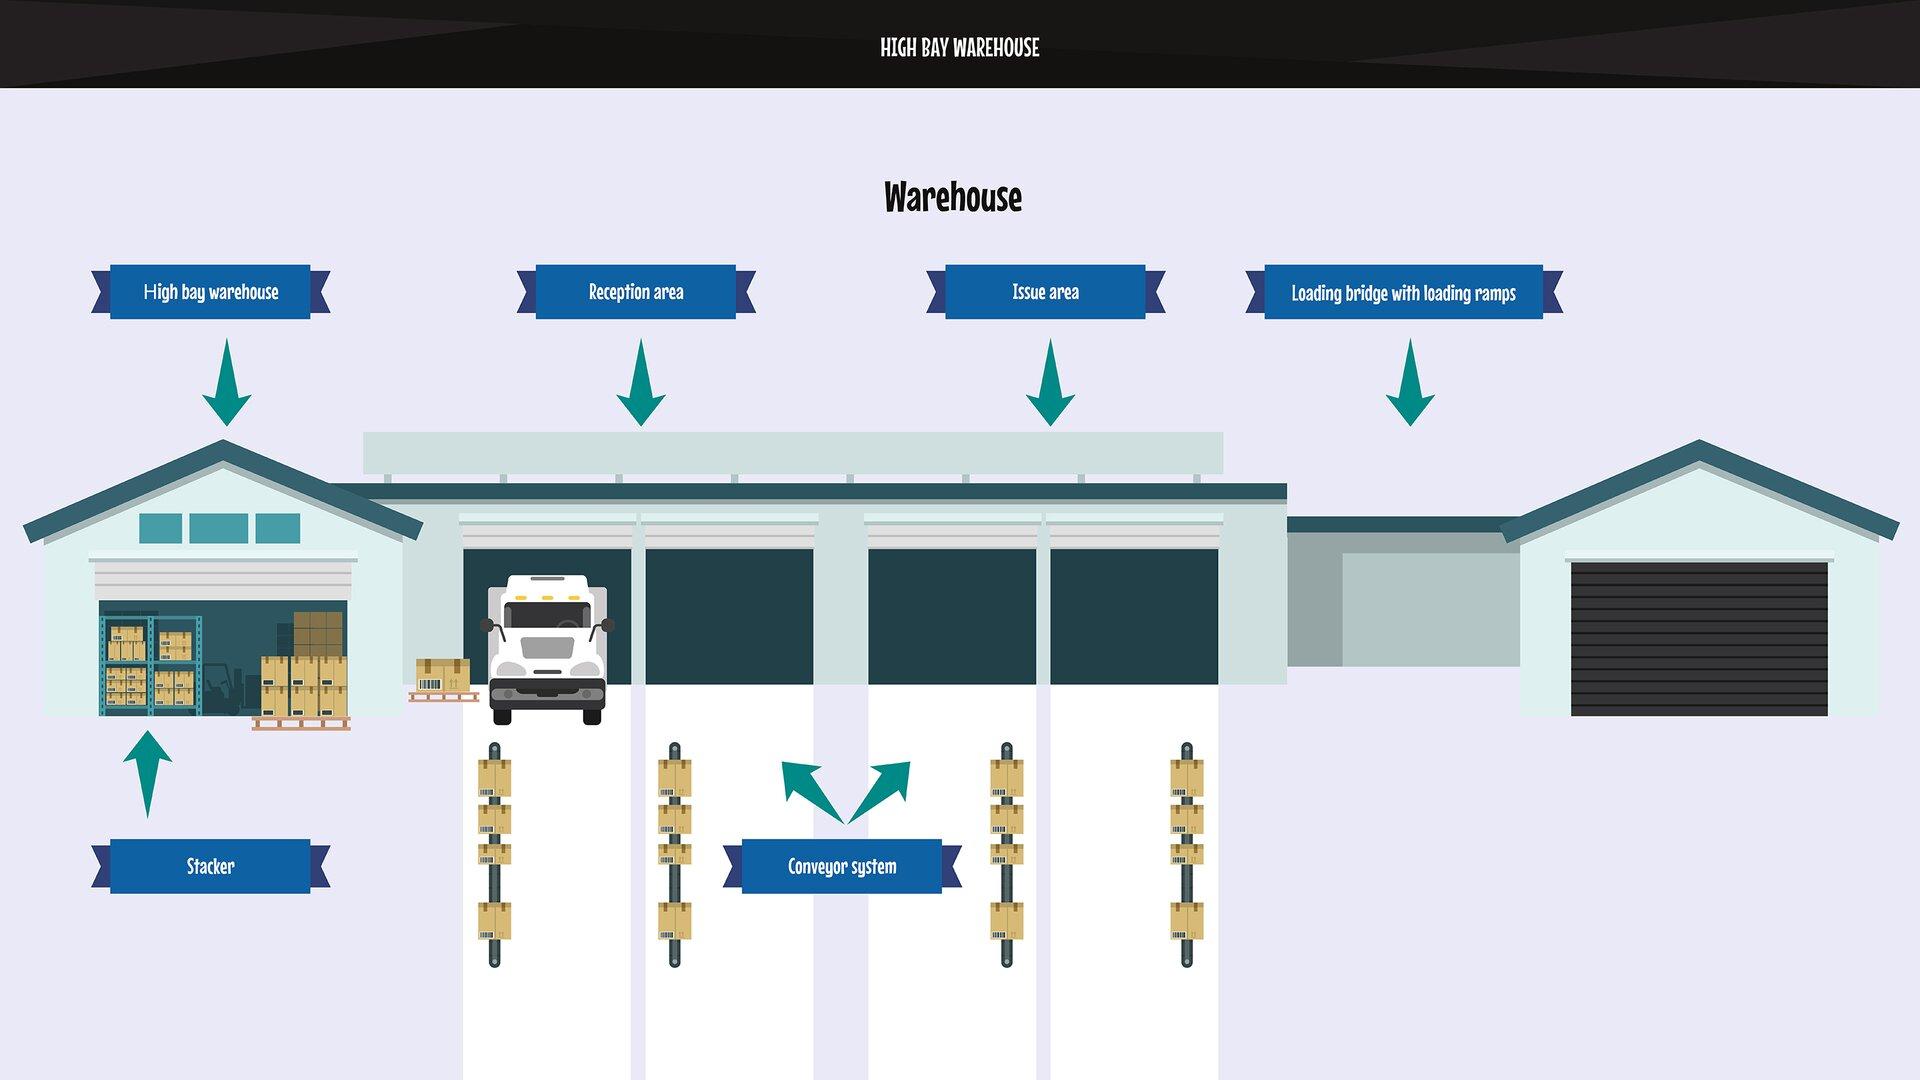 The picture shows ahigh bay warehouse. It is supported by automatic stackers.Grafika przedstawia magazyn wysokiego składowania. Jest on obsługiwany przez automatyczne układnice.